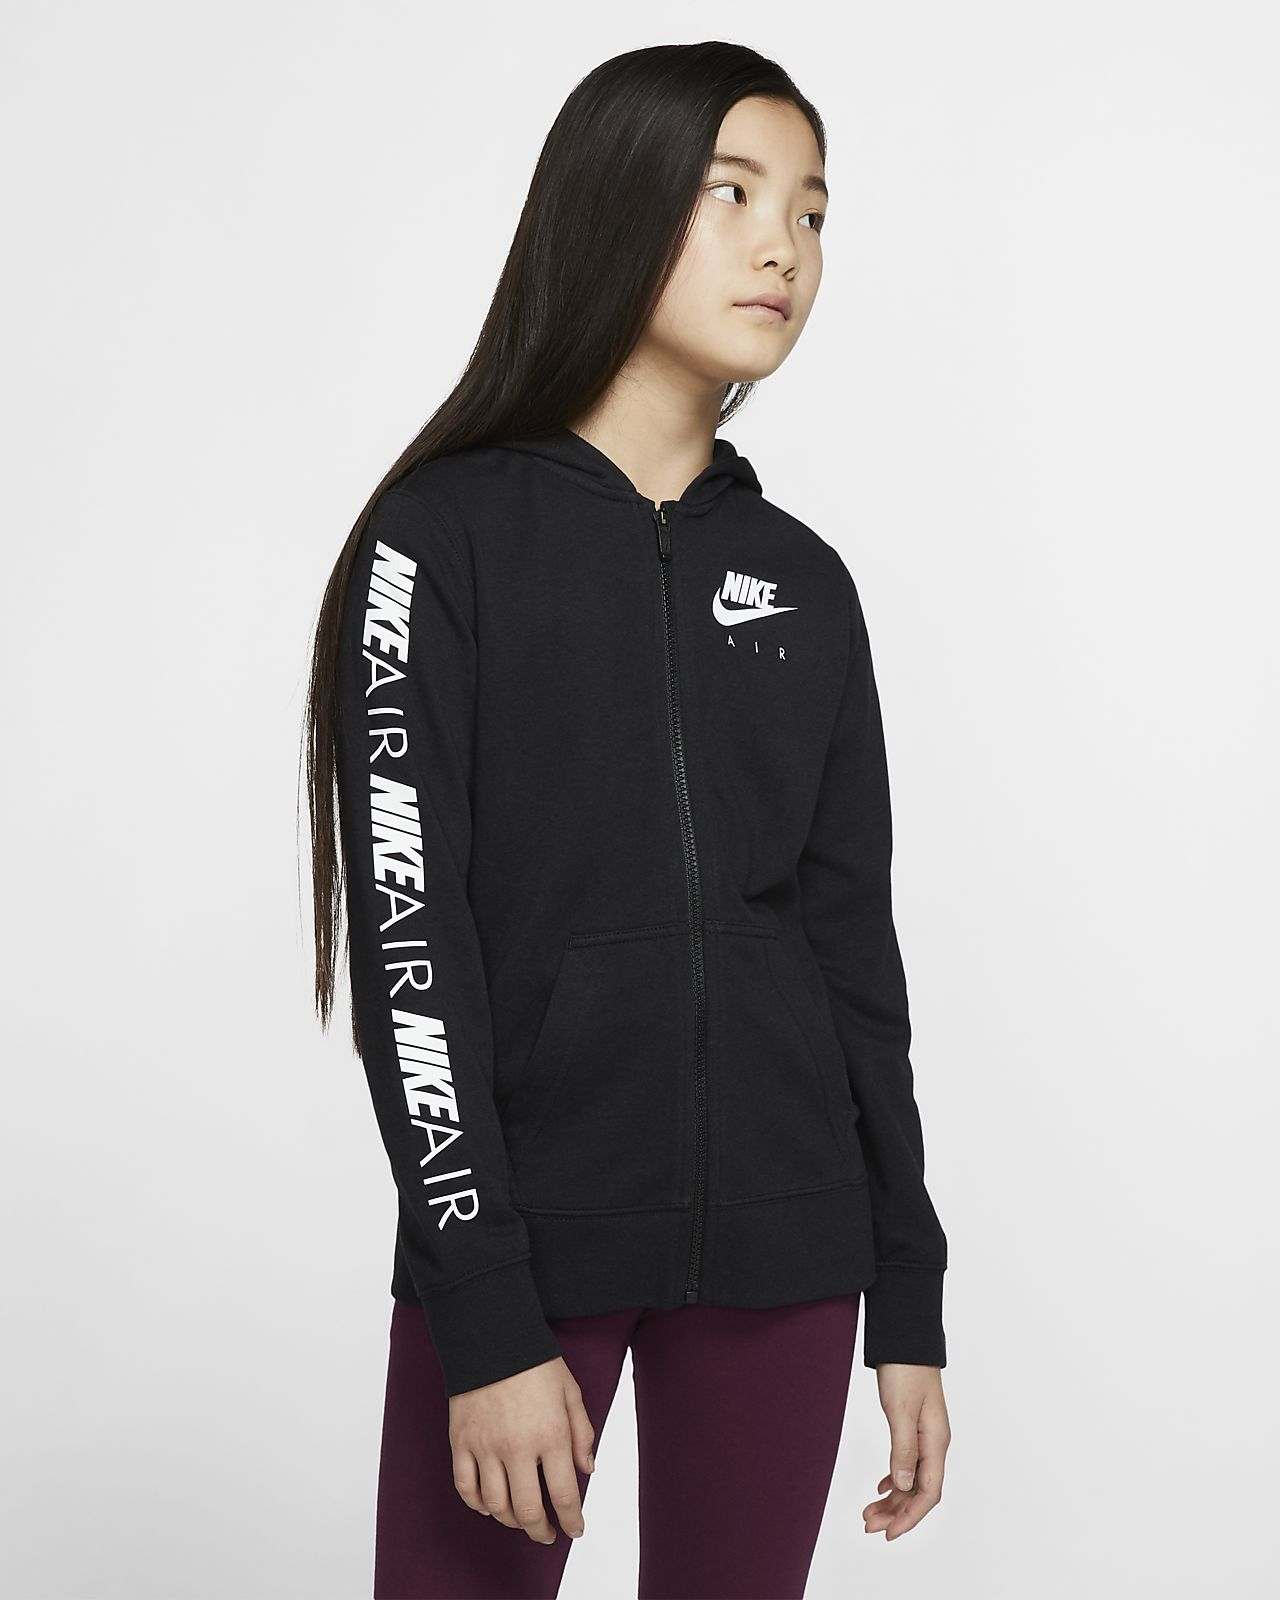 Μπλούζα με κουκούλα και φερμουάρ Nike Air για μεγάλα κορίτσια